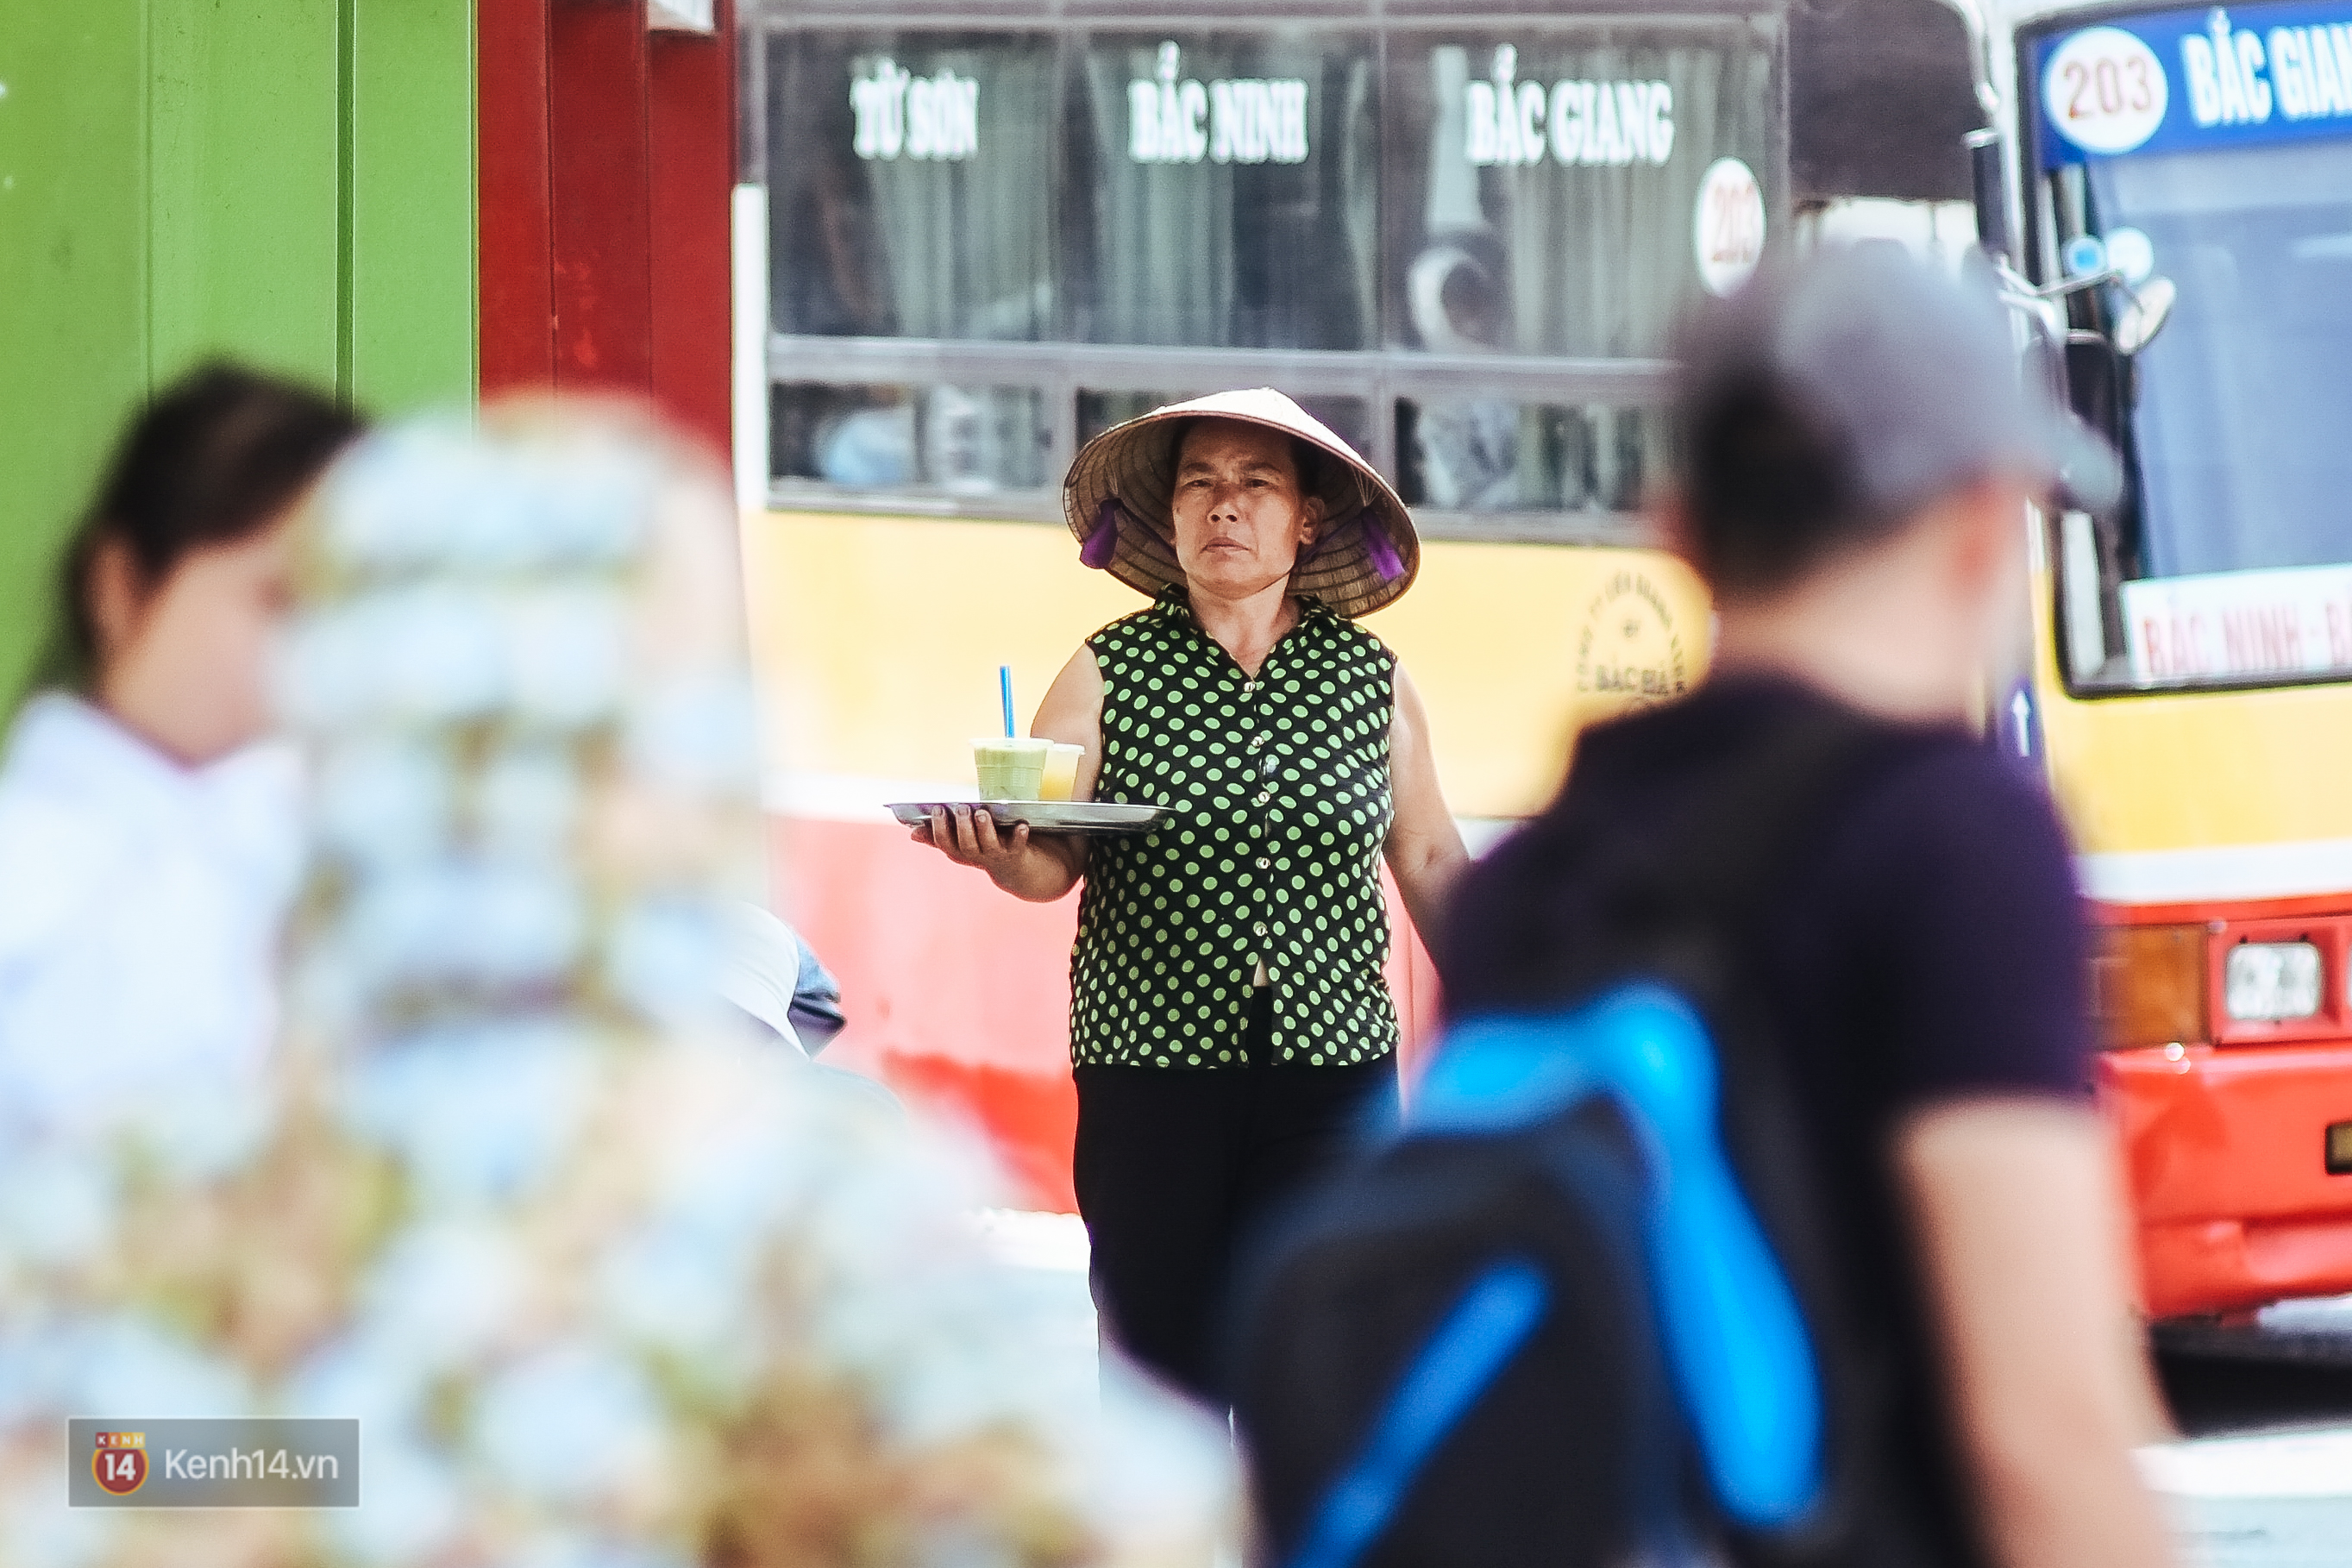 Nghìn lẻ một cách người lao động Hà Nội đối phó với mùa nắng nóng kinh hoàng - Ảnh 6.